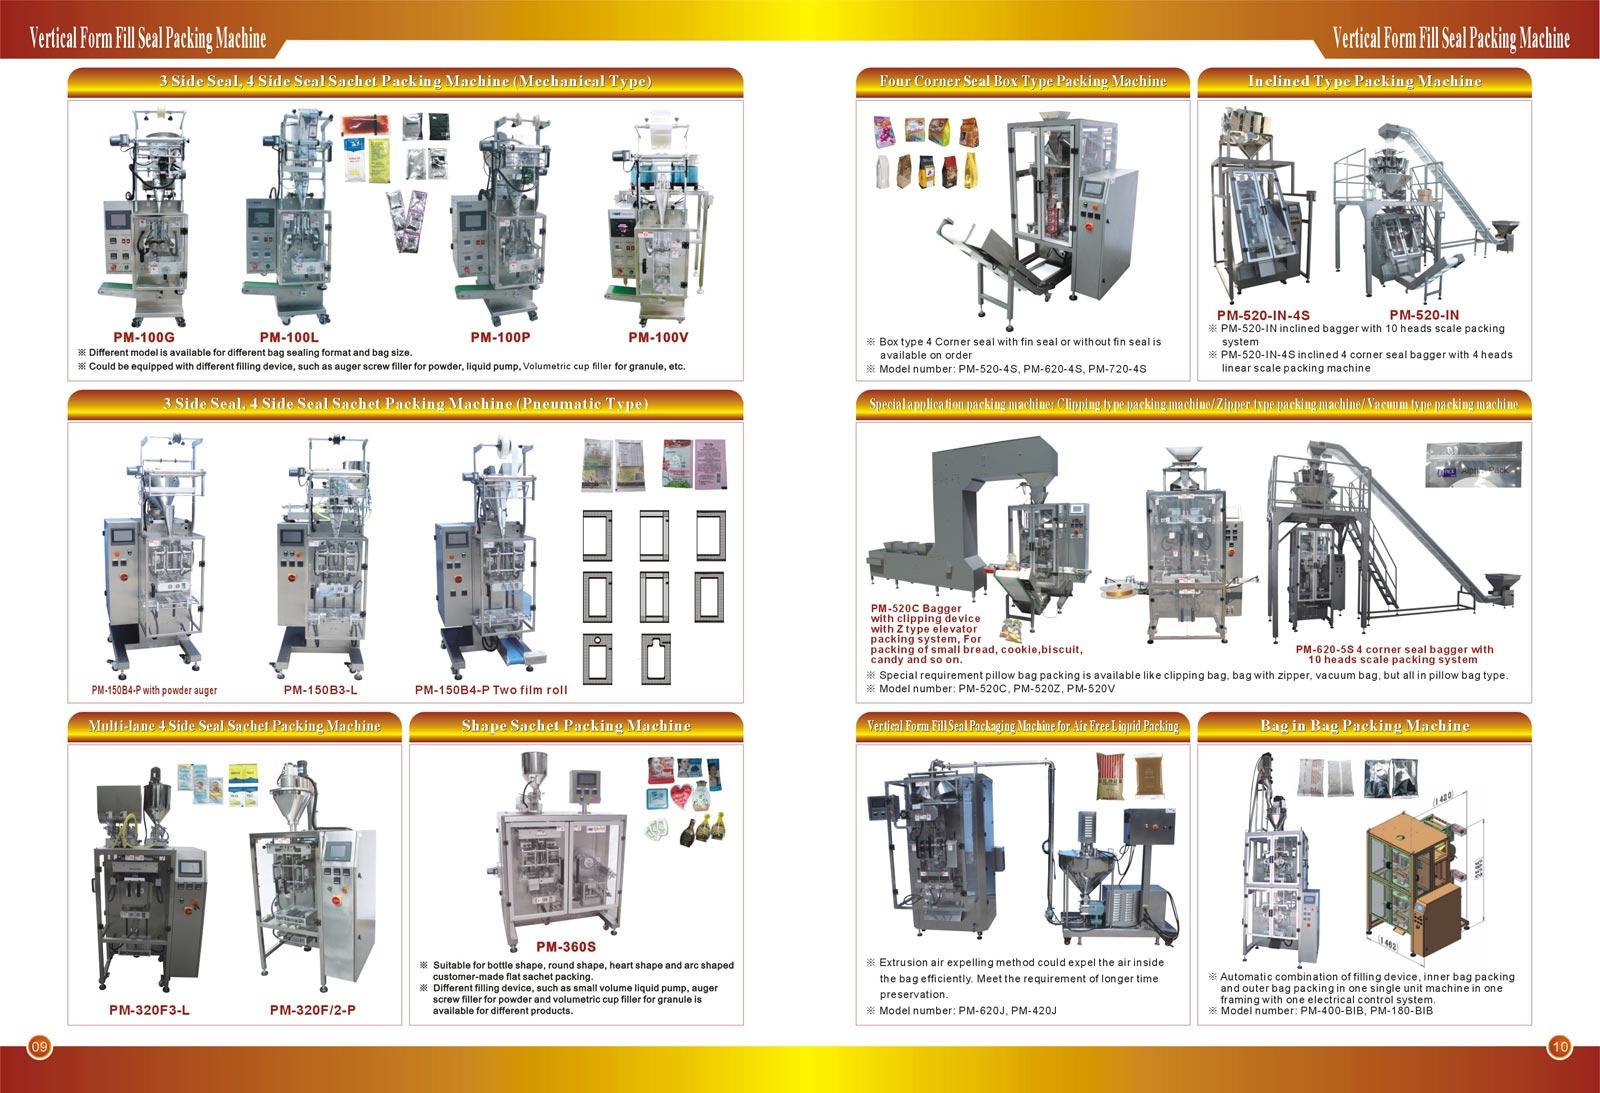 5-Forslutningsmaskiner-Vertikal